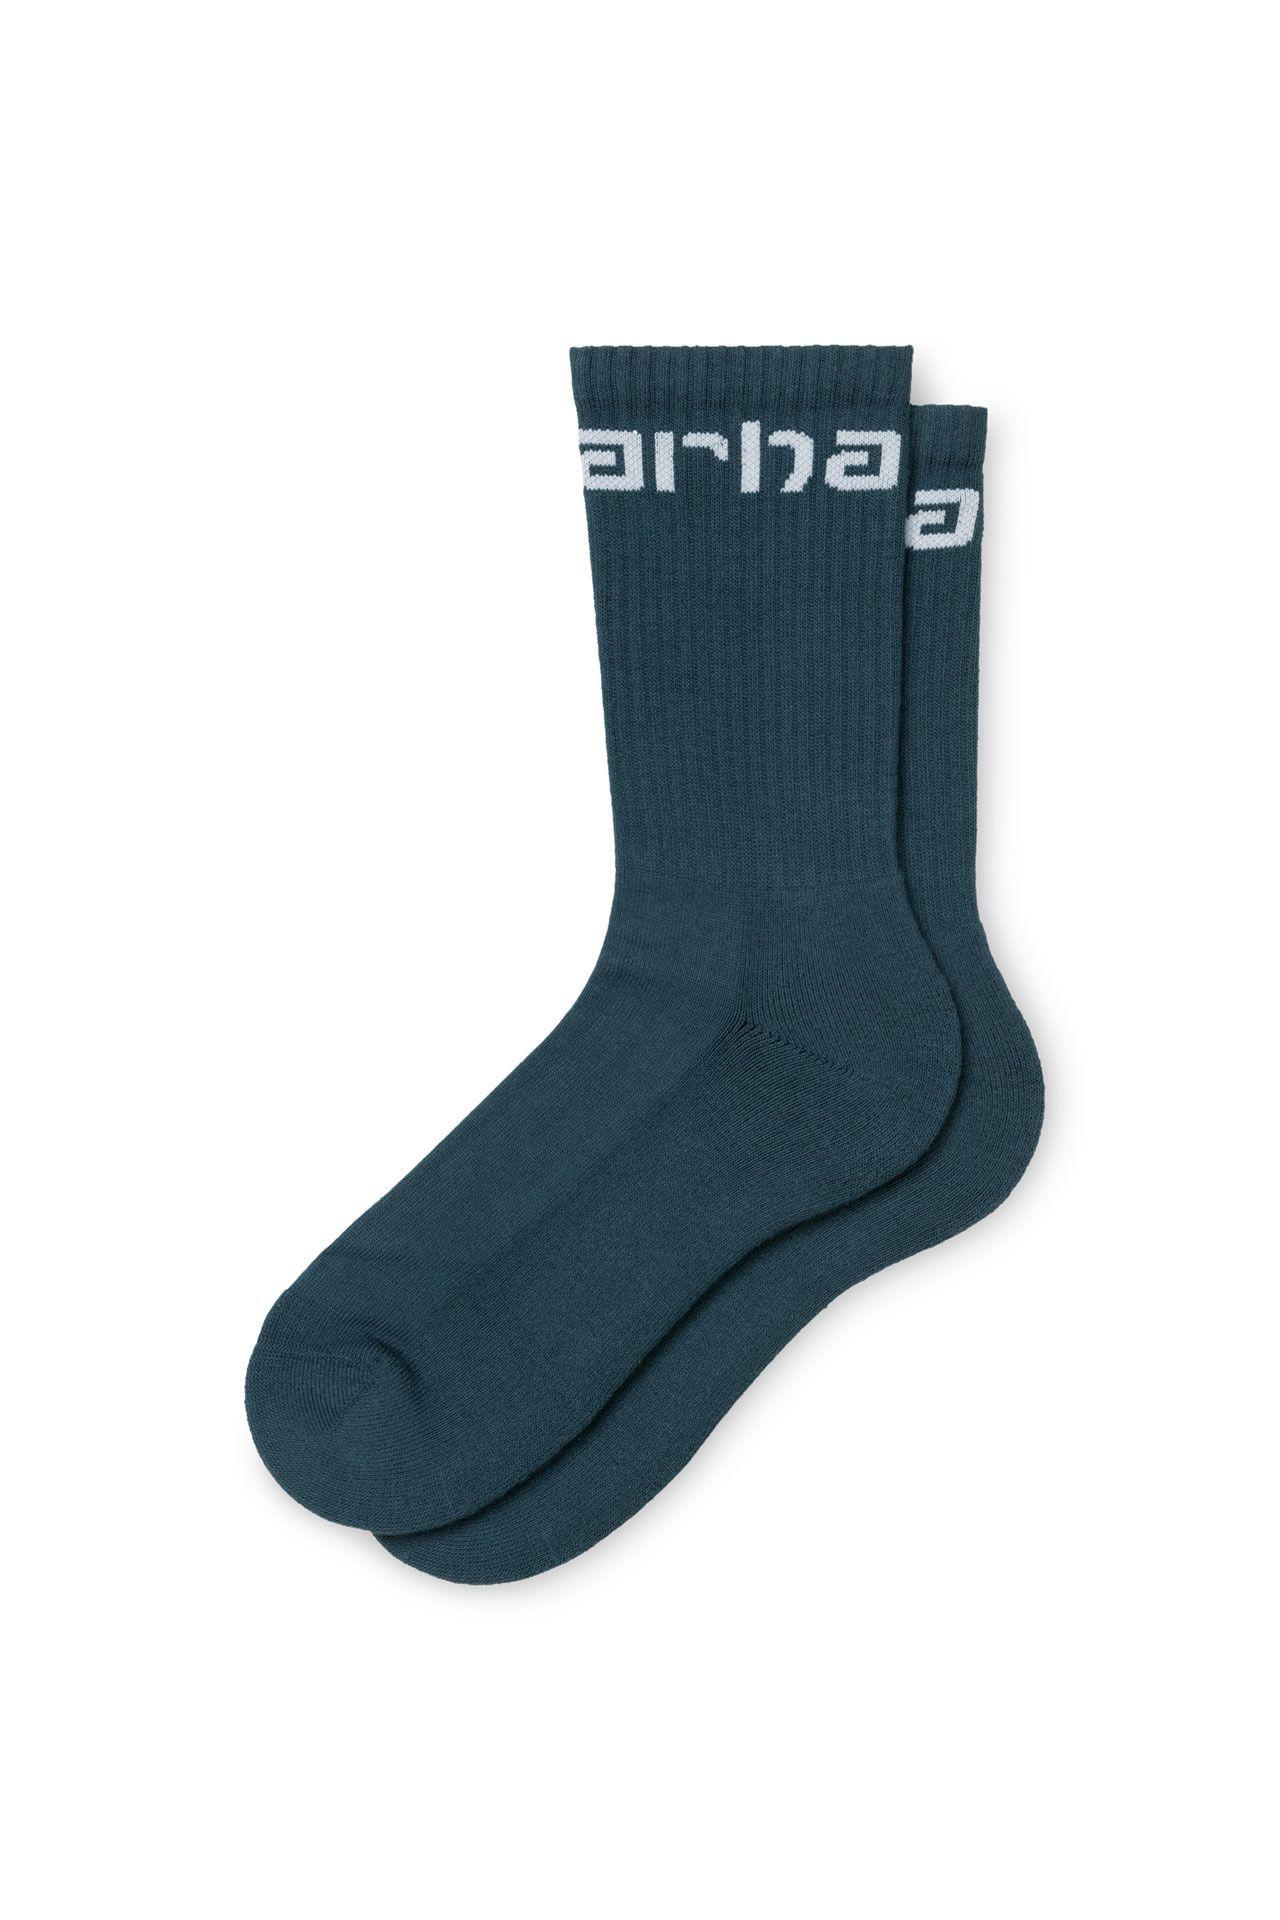 Afbeelding van Carhartt Sokken Carhartt Socks Admiral / White I027705